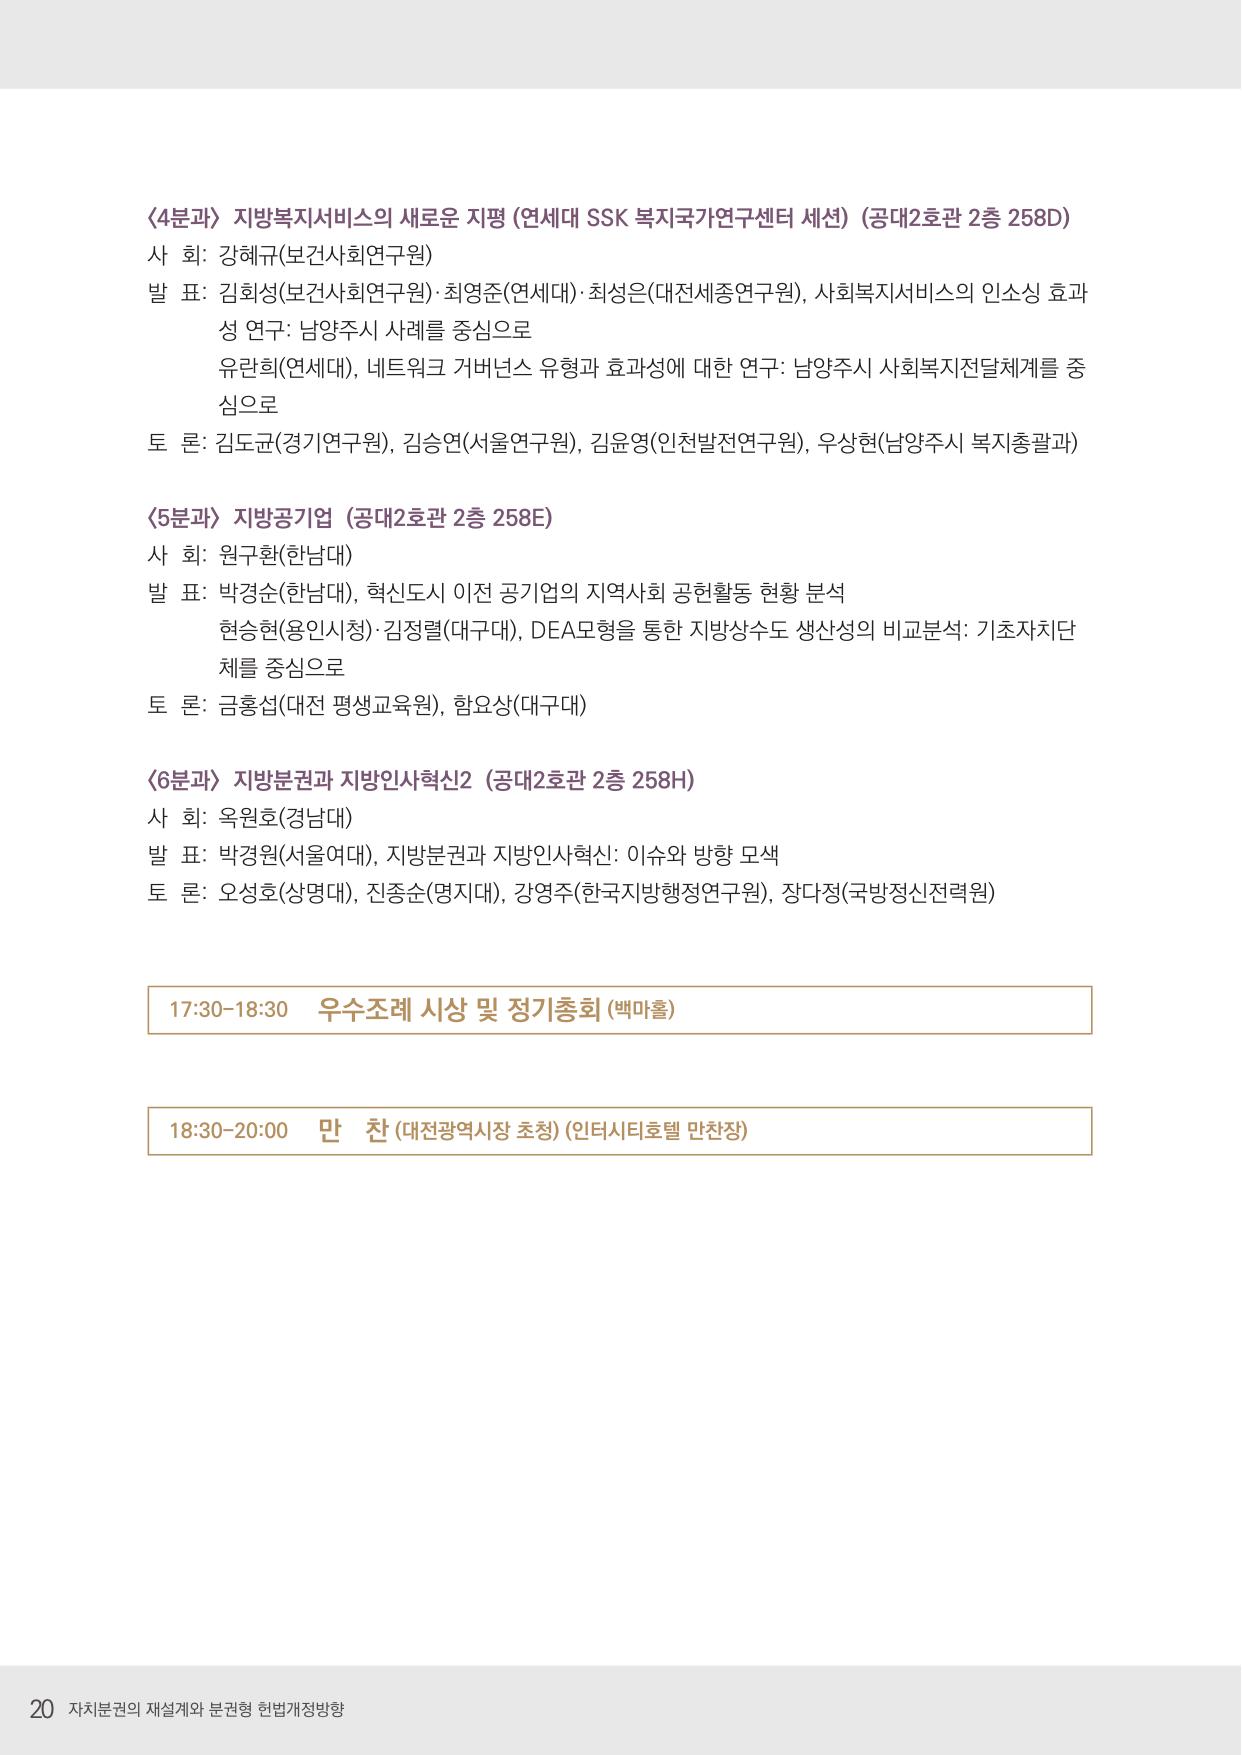 초청장_동계학술대회_한국지방자치학회(최종본)-20.jpg